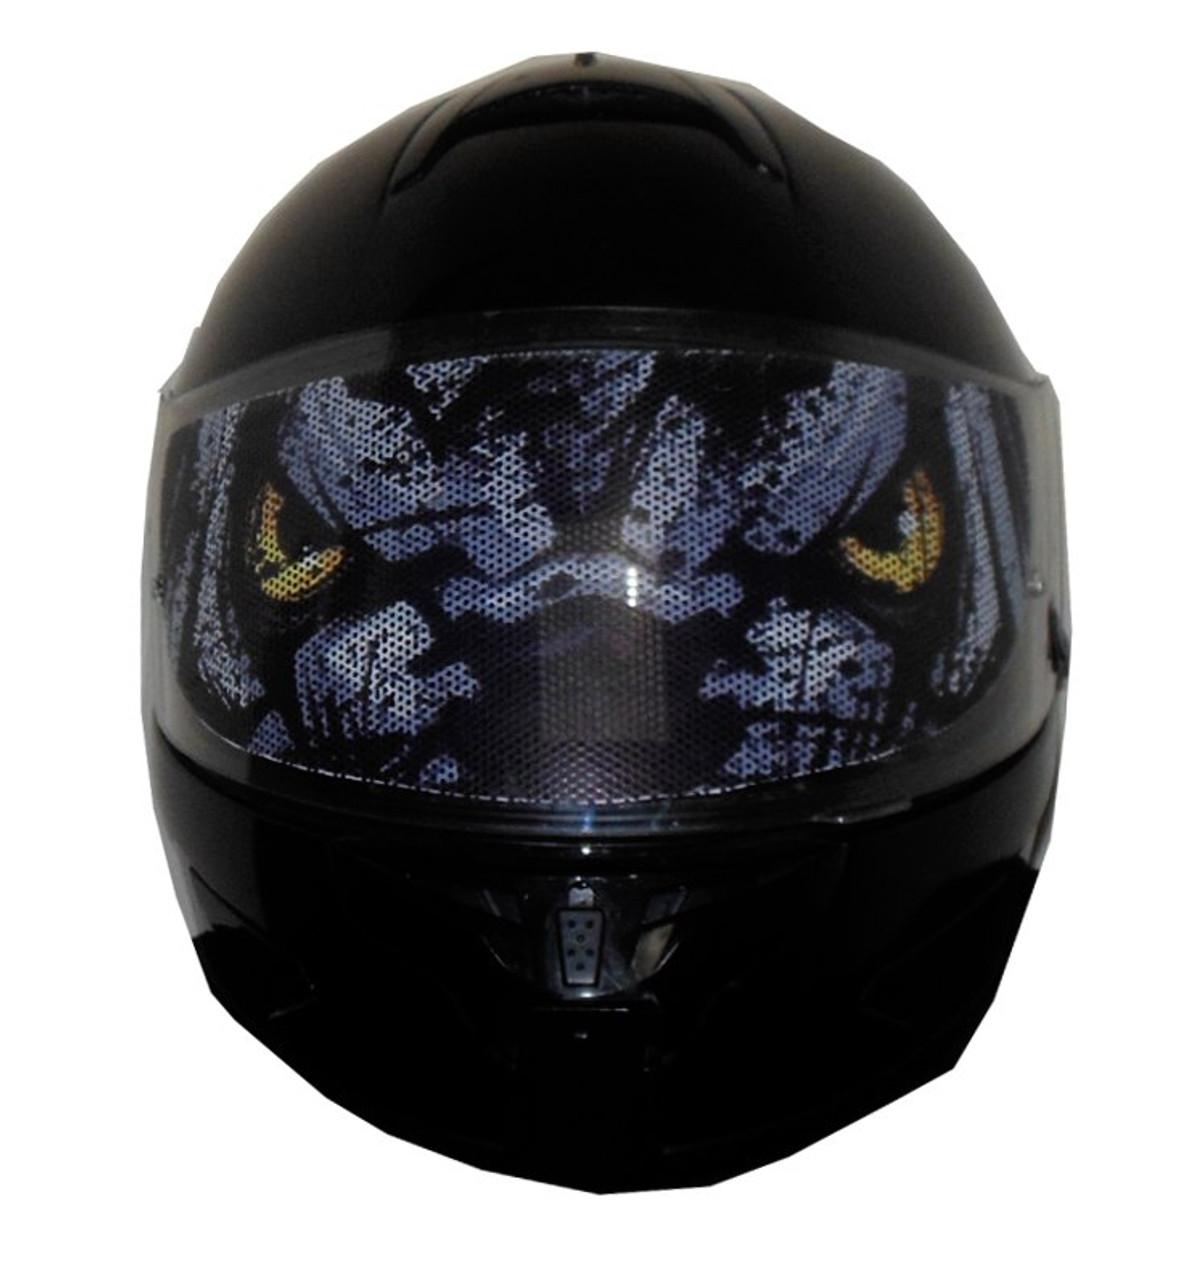 Wolf eyes full face modular motorcycle helmet visors